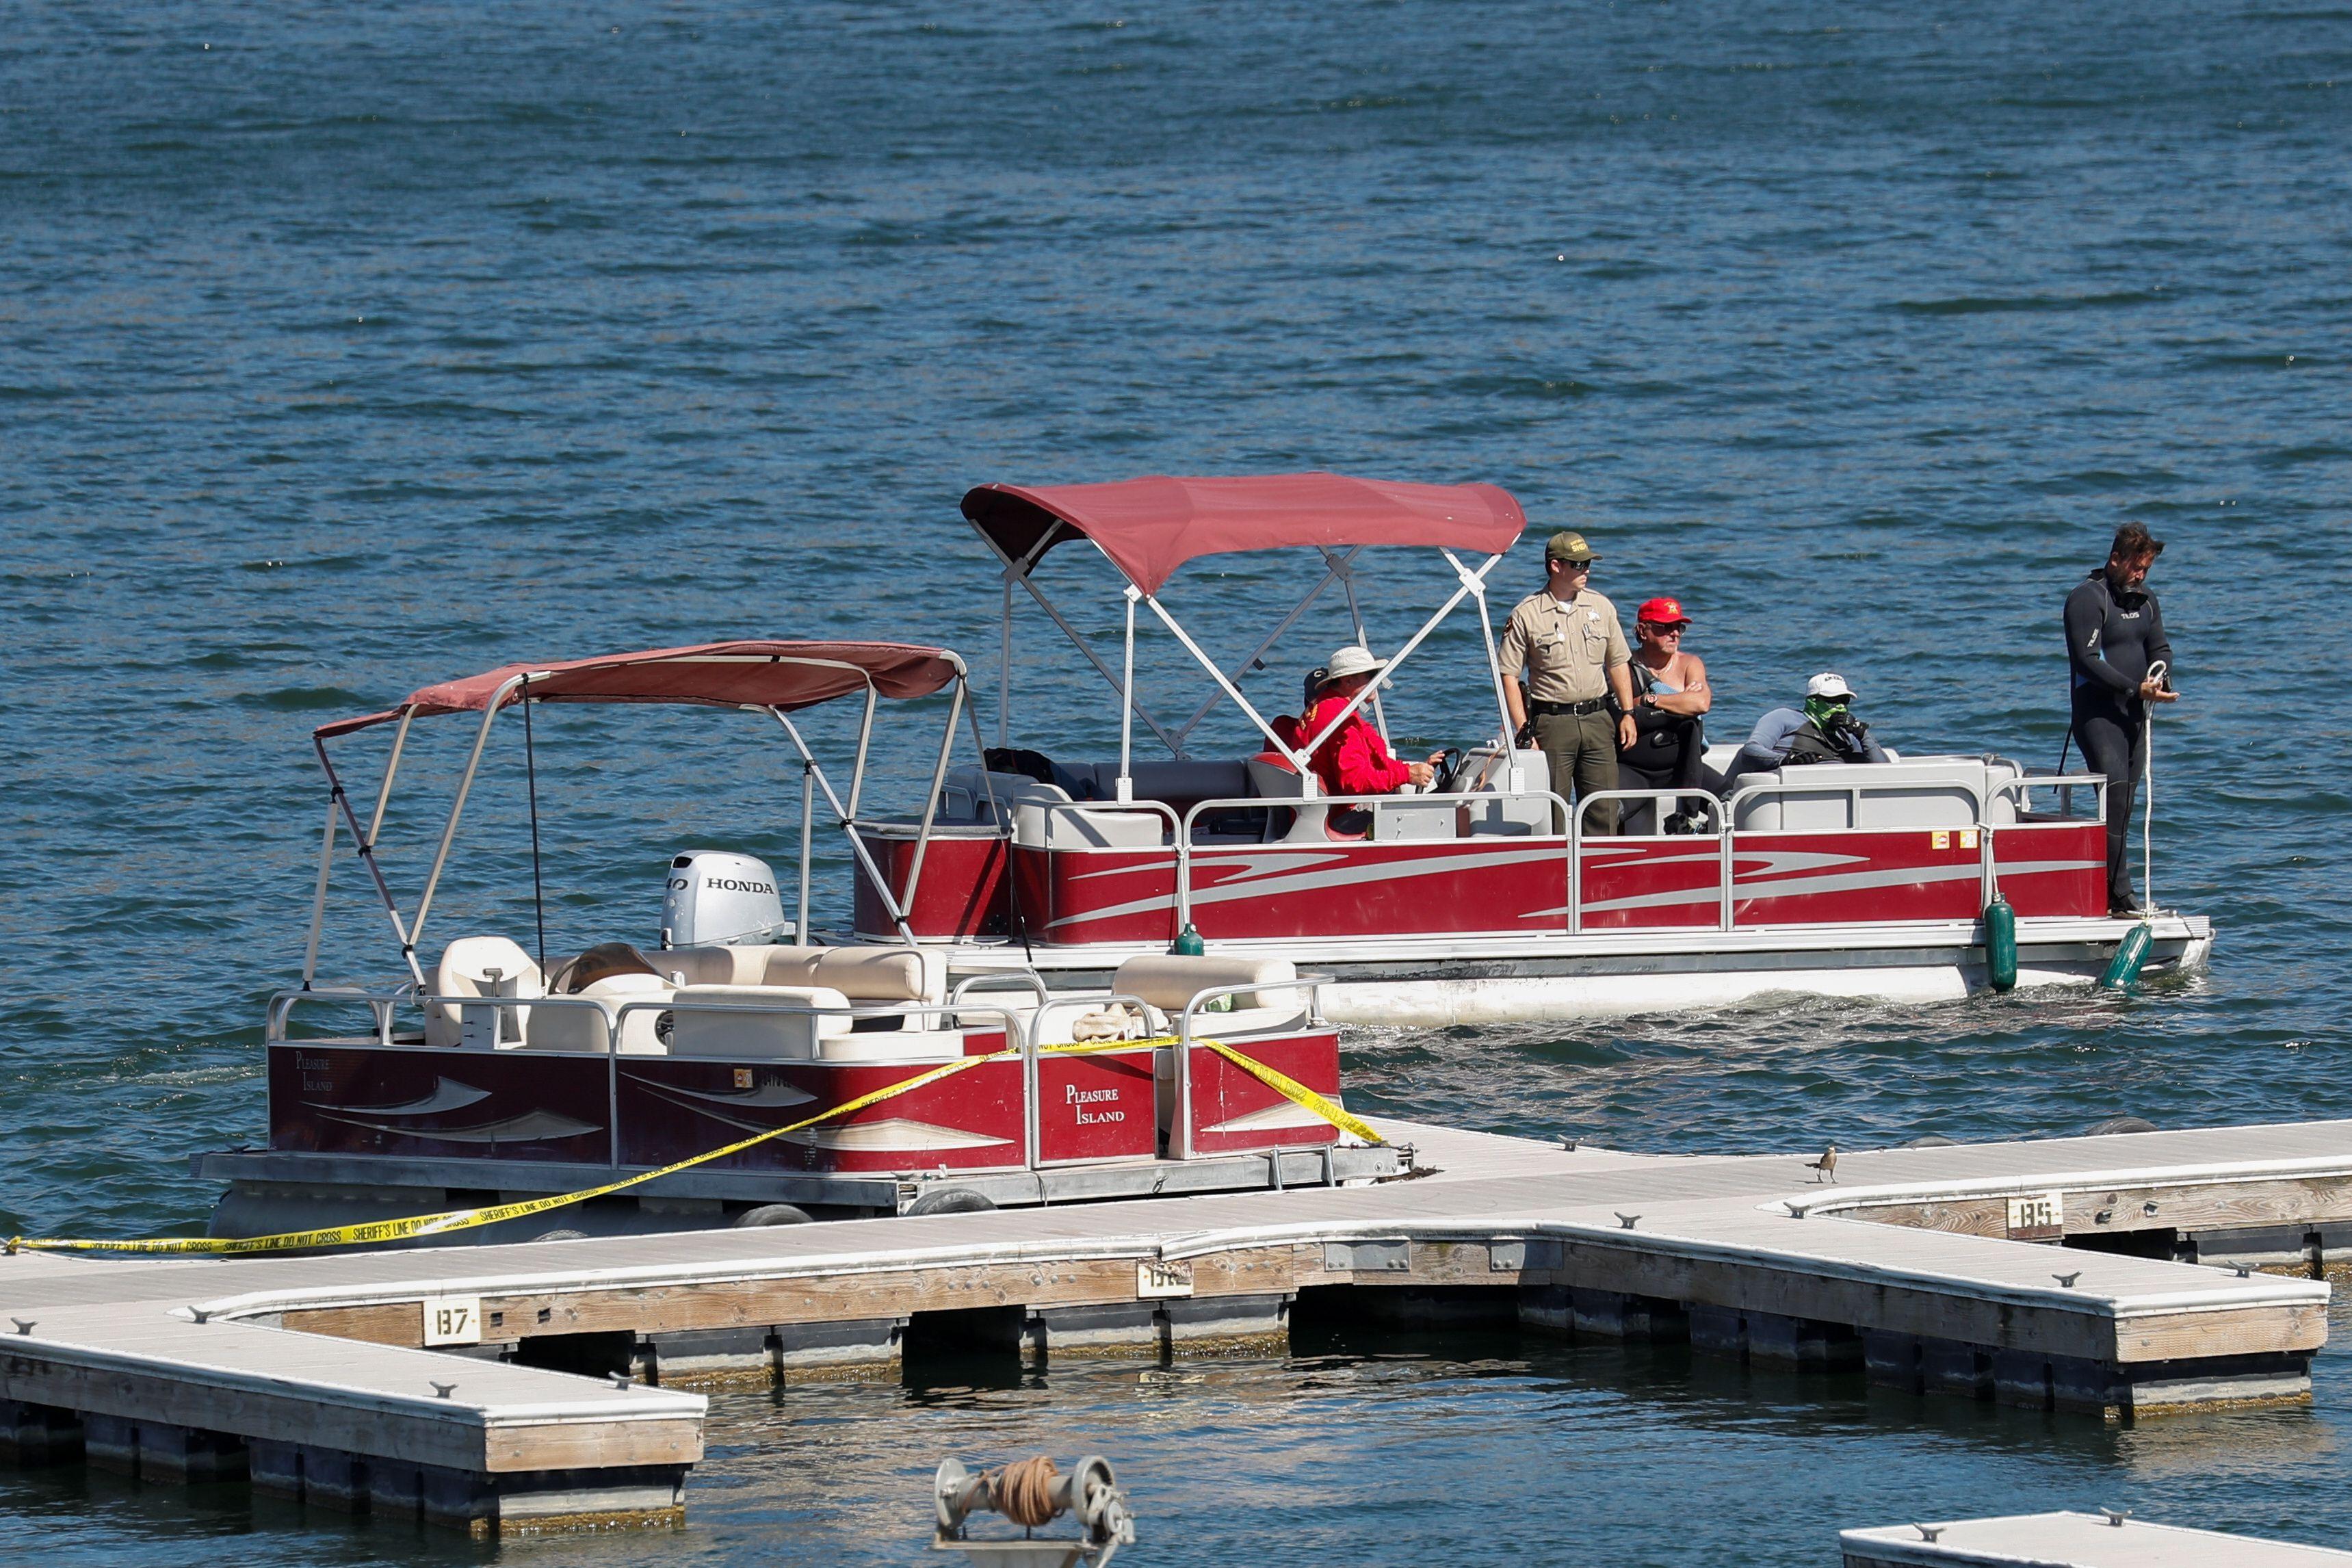 Este era el bote que fue usado por Rivera en el momento de su desaparición (Foto: REUTERS/Mario Anzuoni)